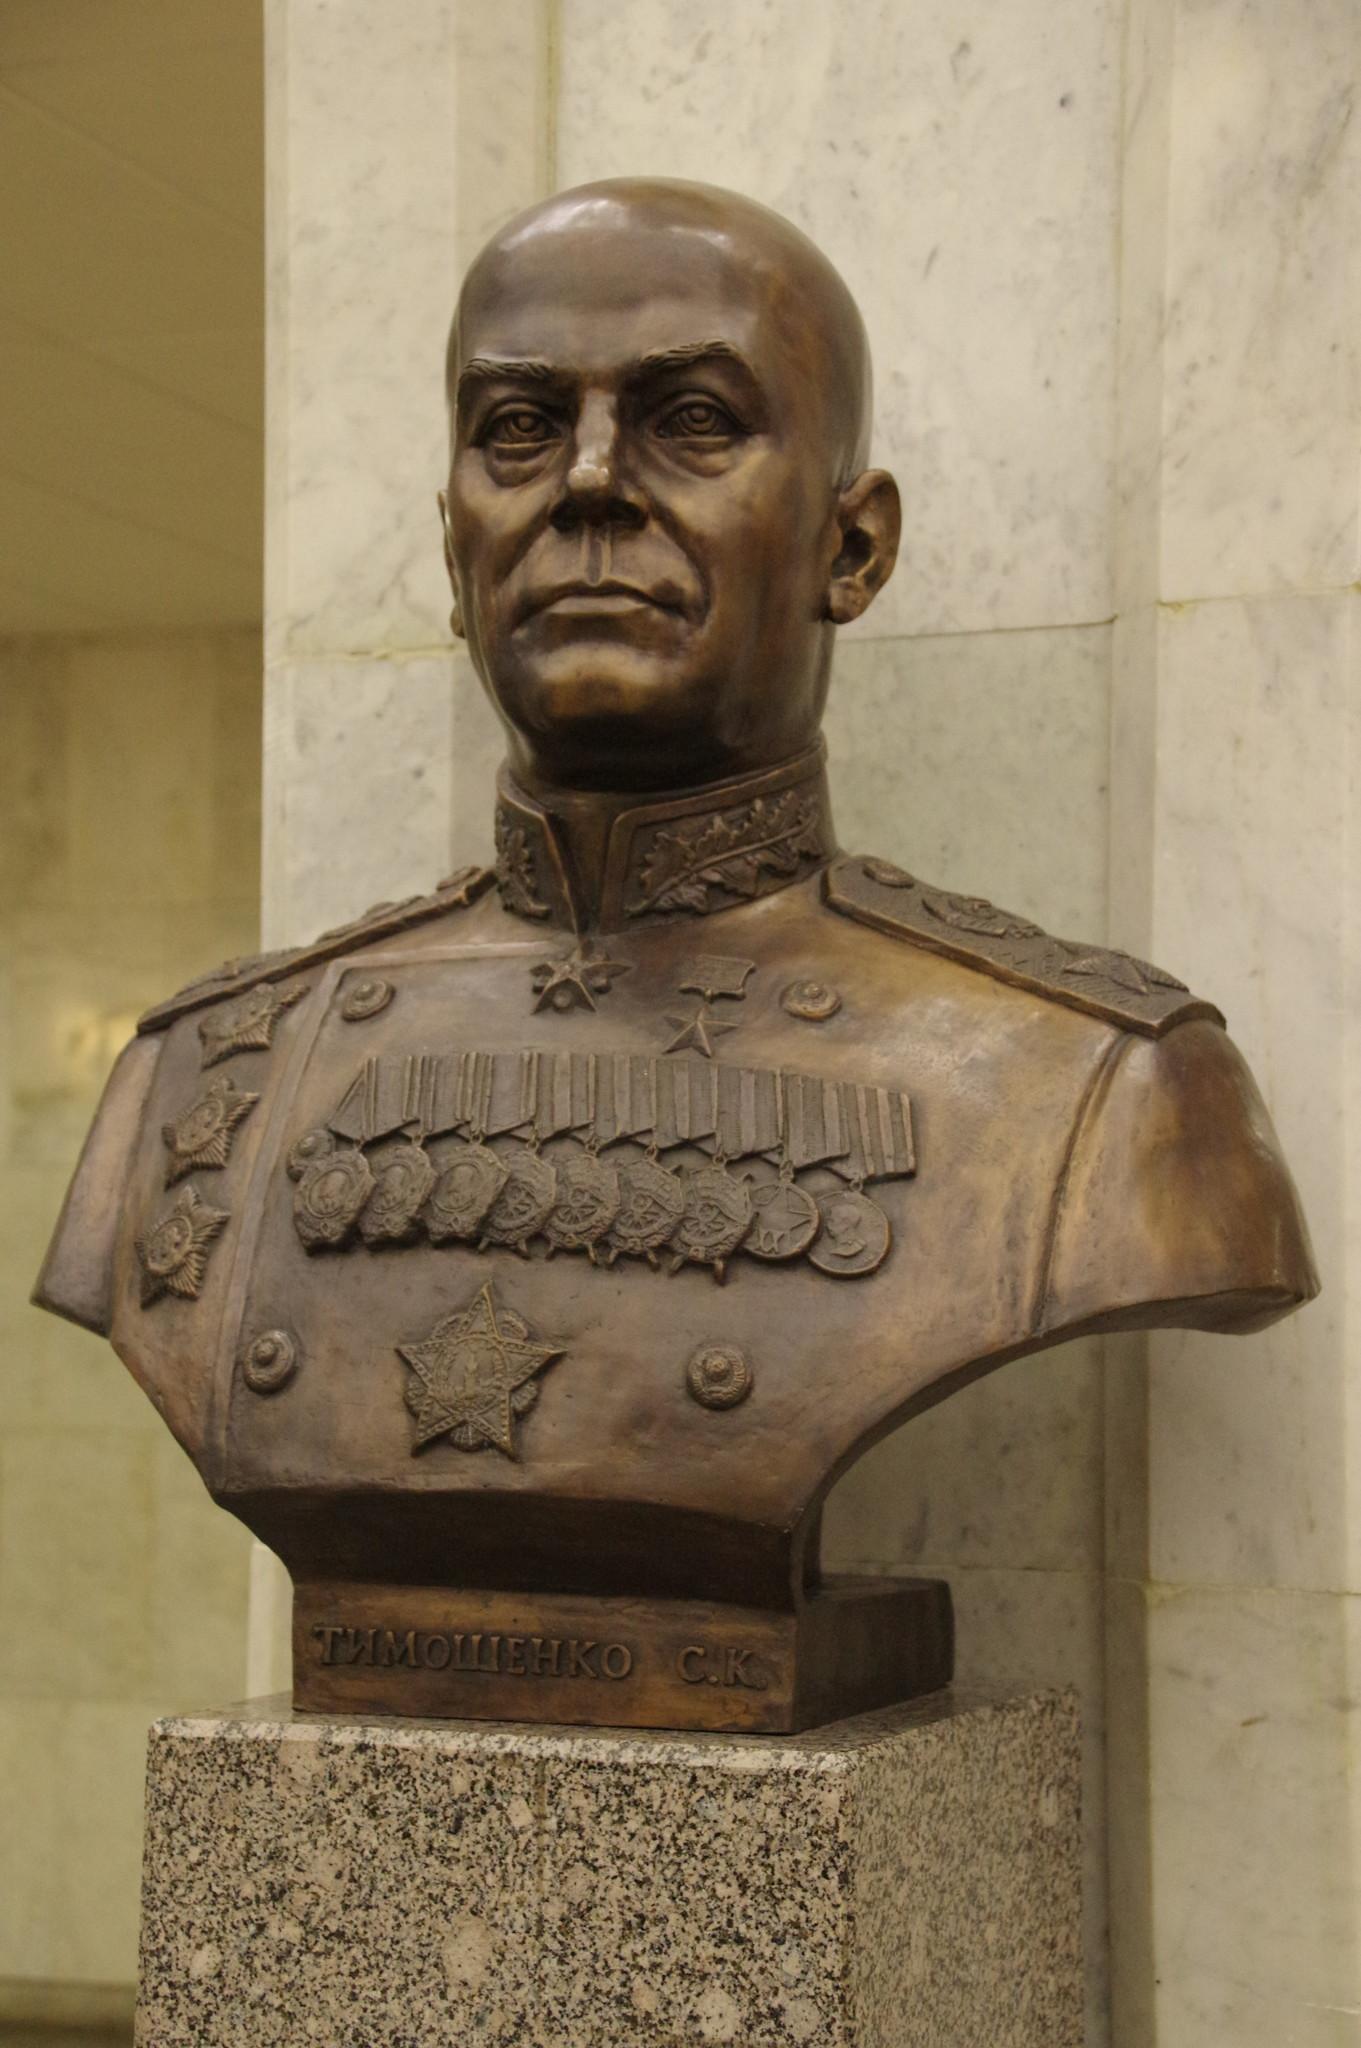 Бюст маршала Советского Союза Семёна Константиновича Тимошенко в Центральном музее Великой Отечественной войны 1941-1945 гг.